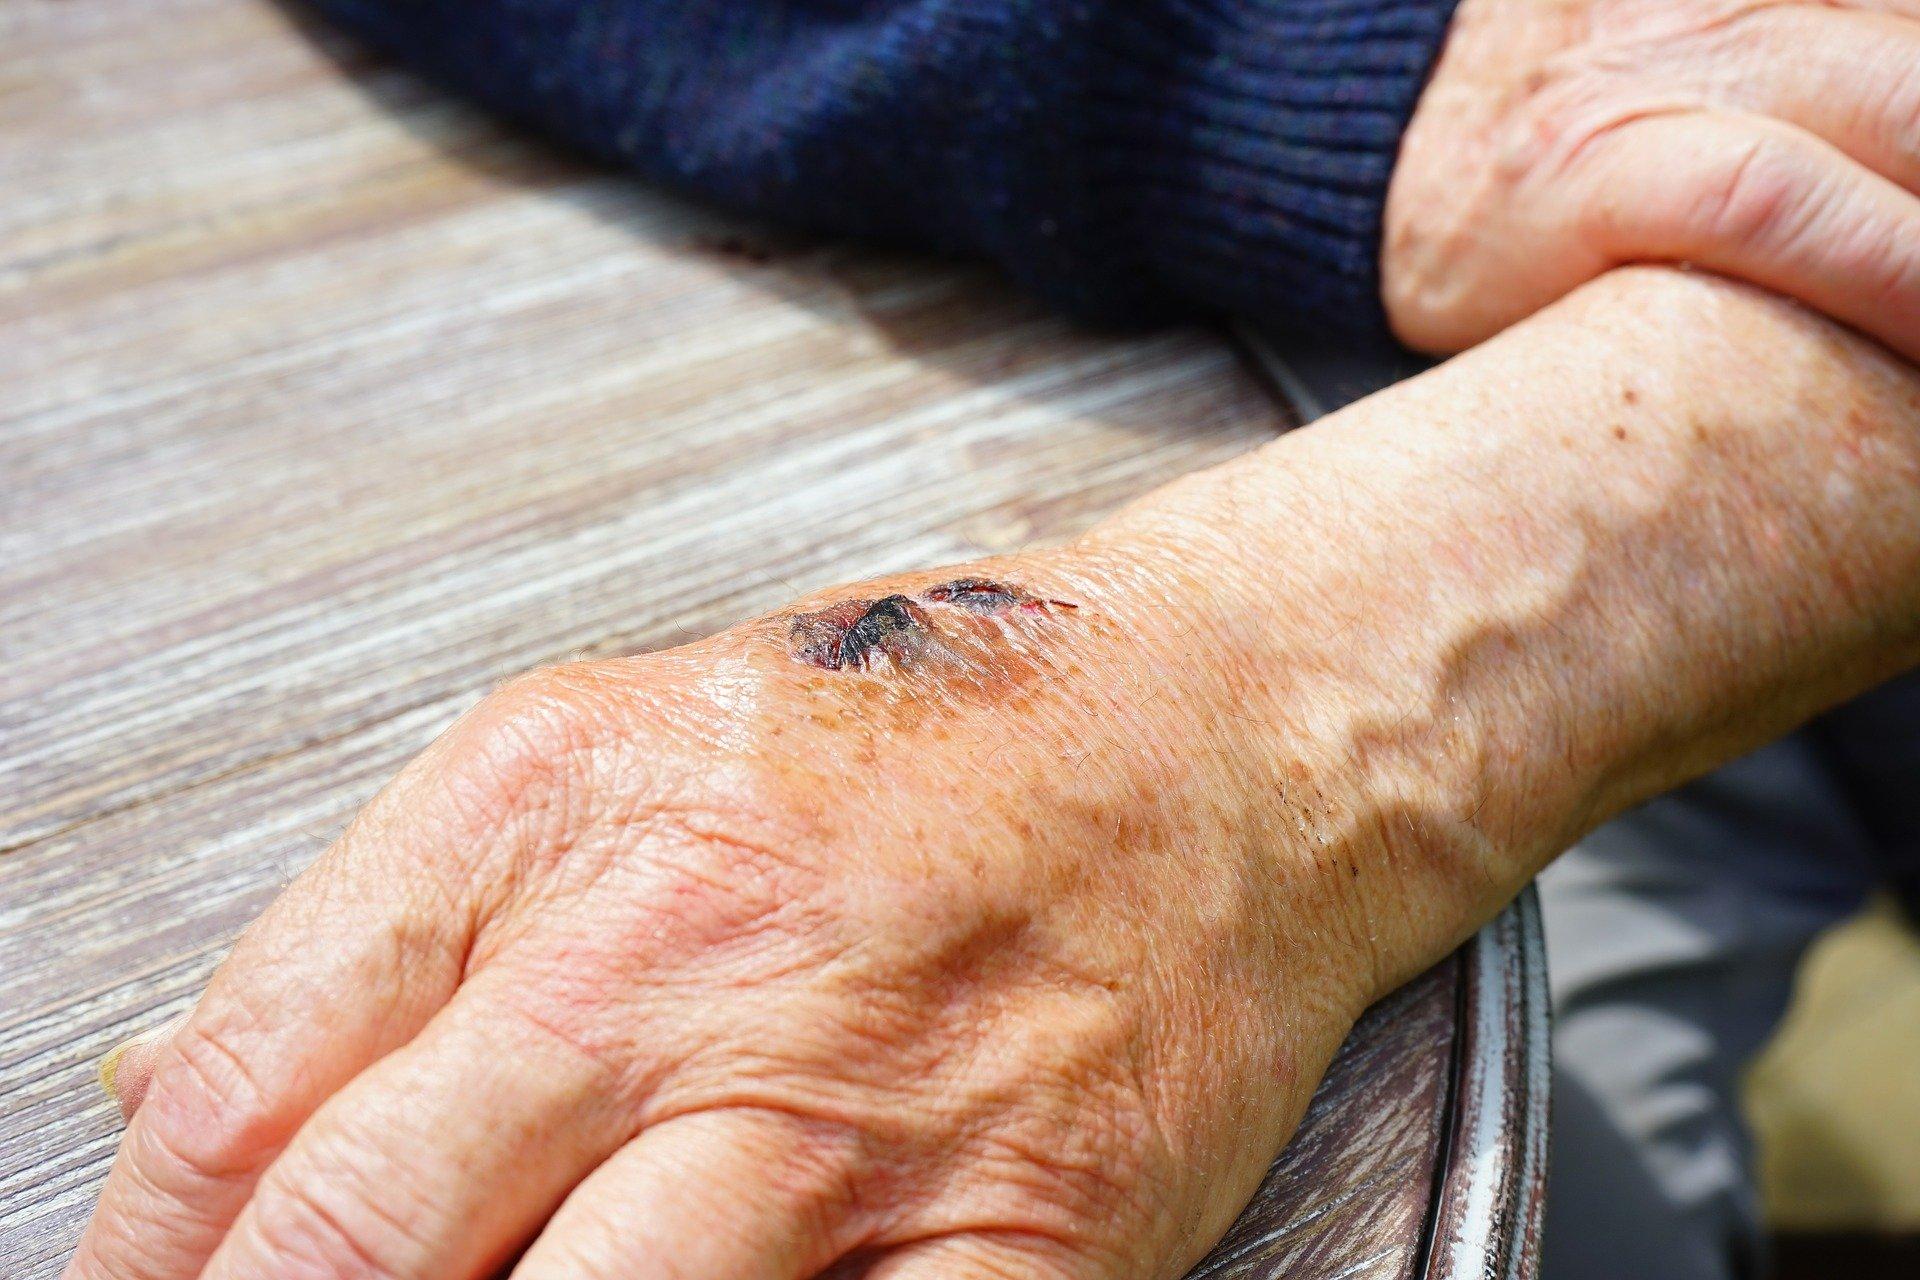 Электрохимический датчик может обнаружить бактерии в ранах в считанные секунды